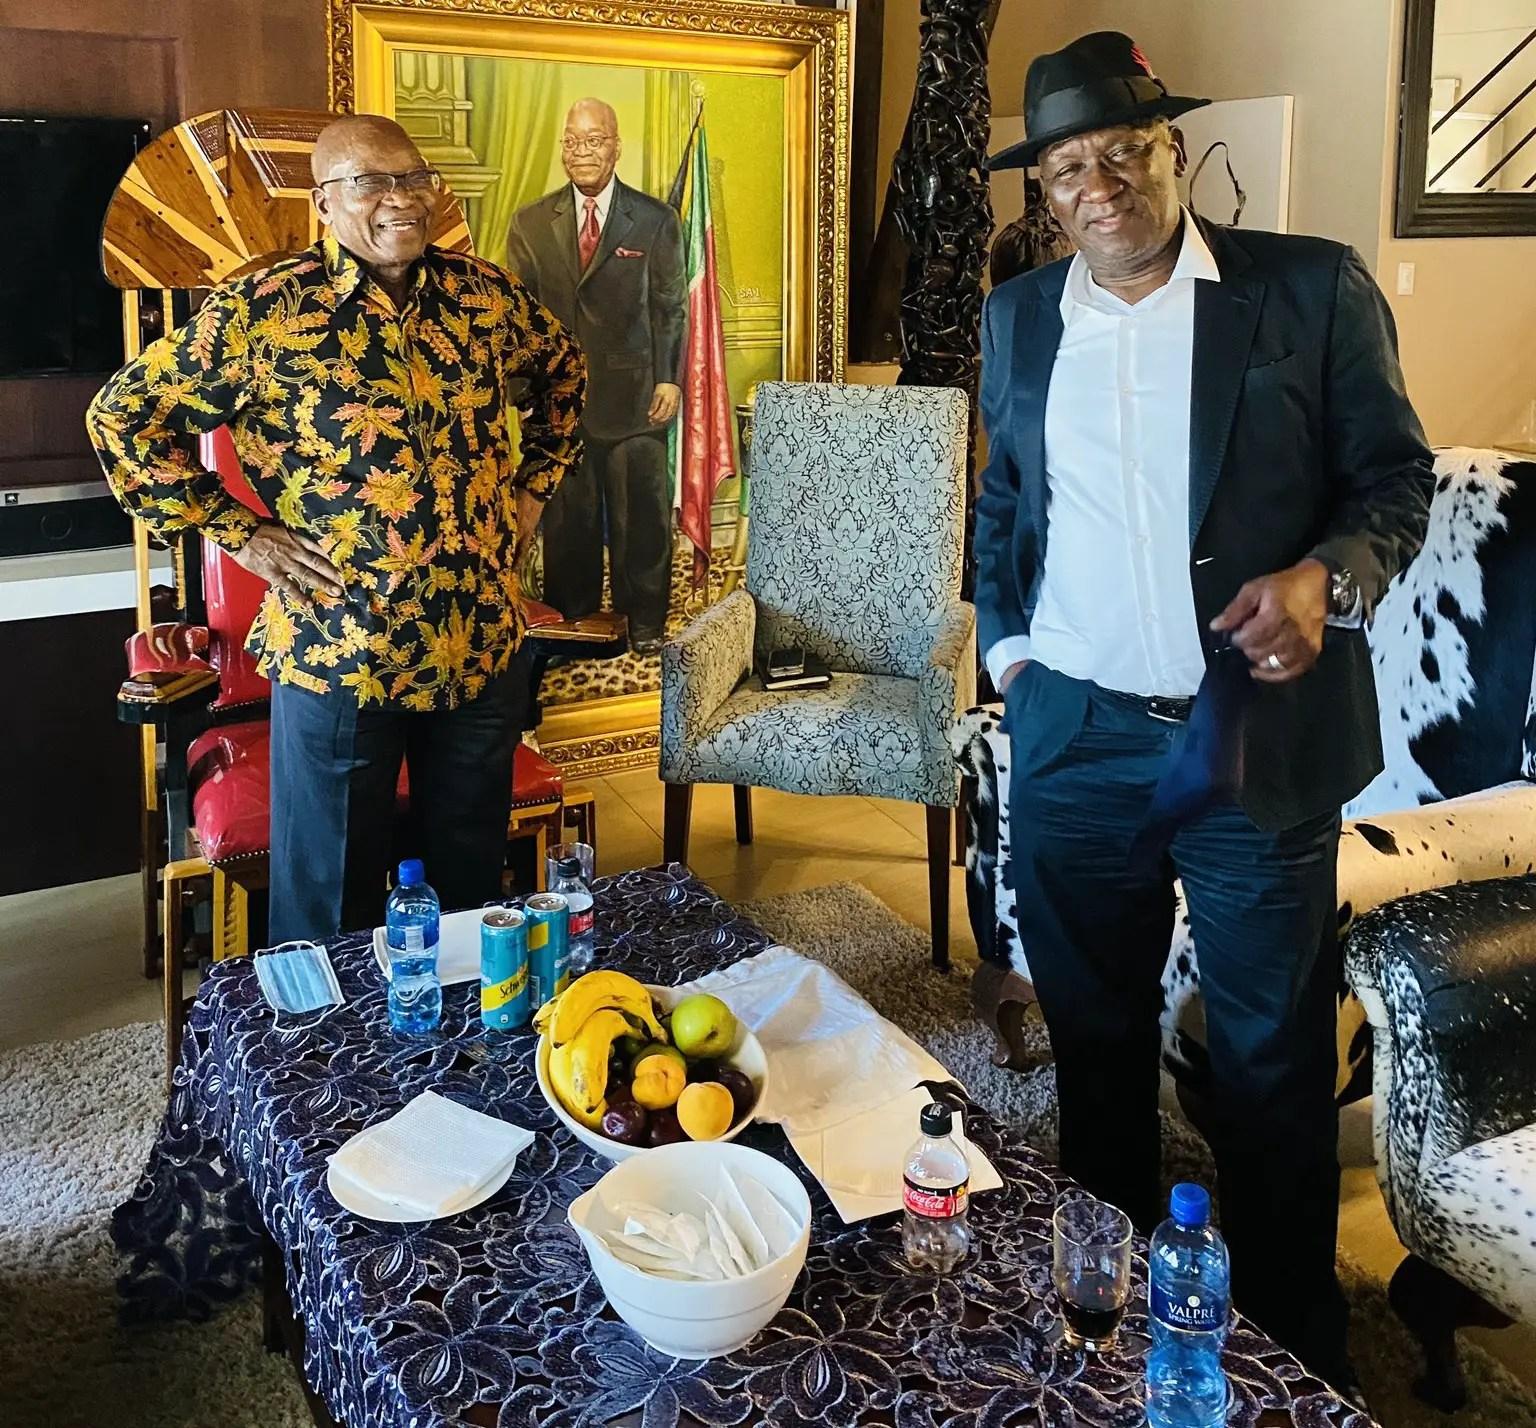 Police Minister Bheki Cele and Jacob Zuma